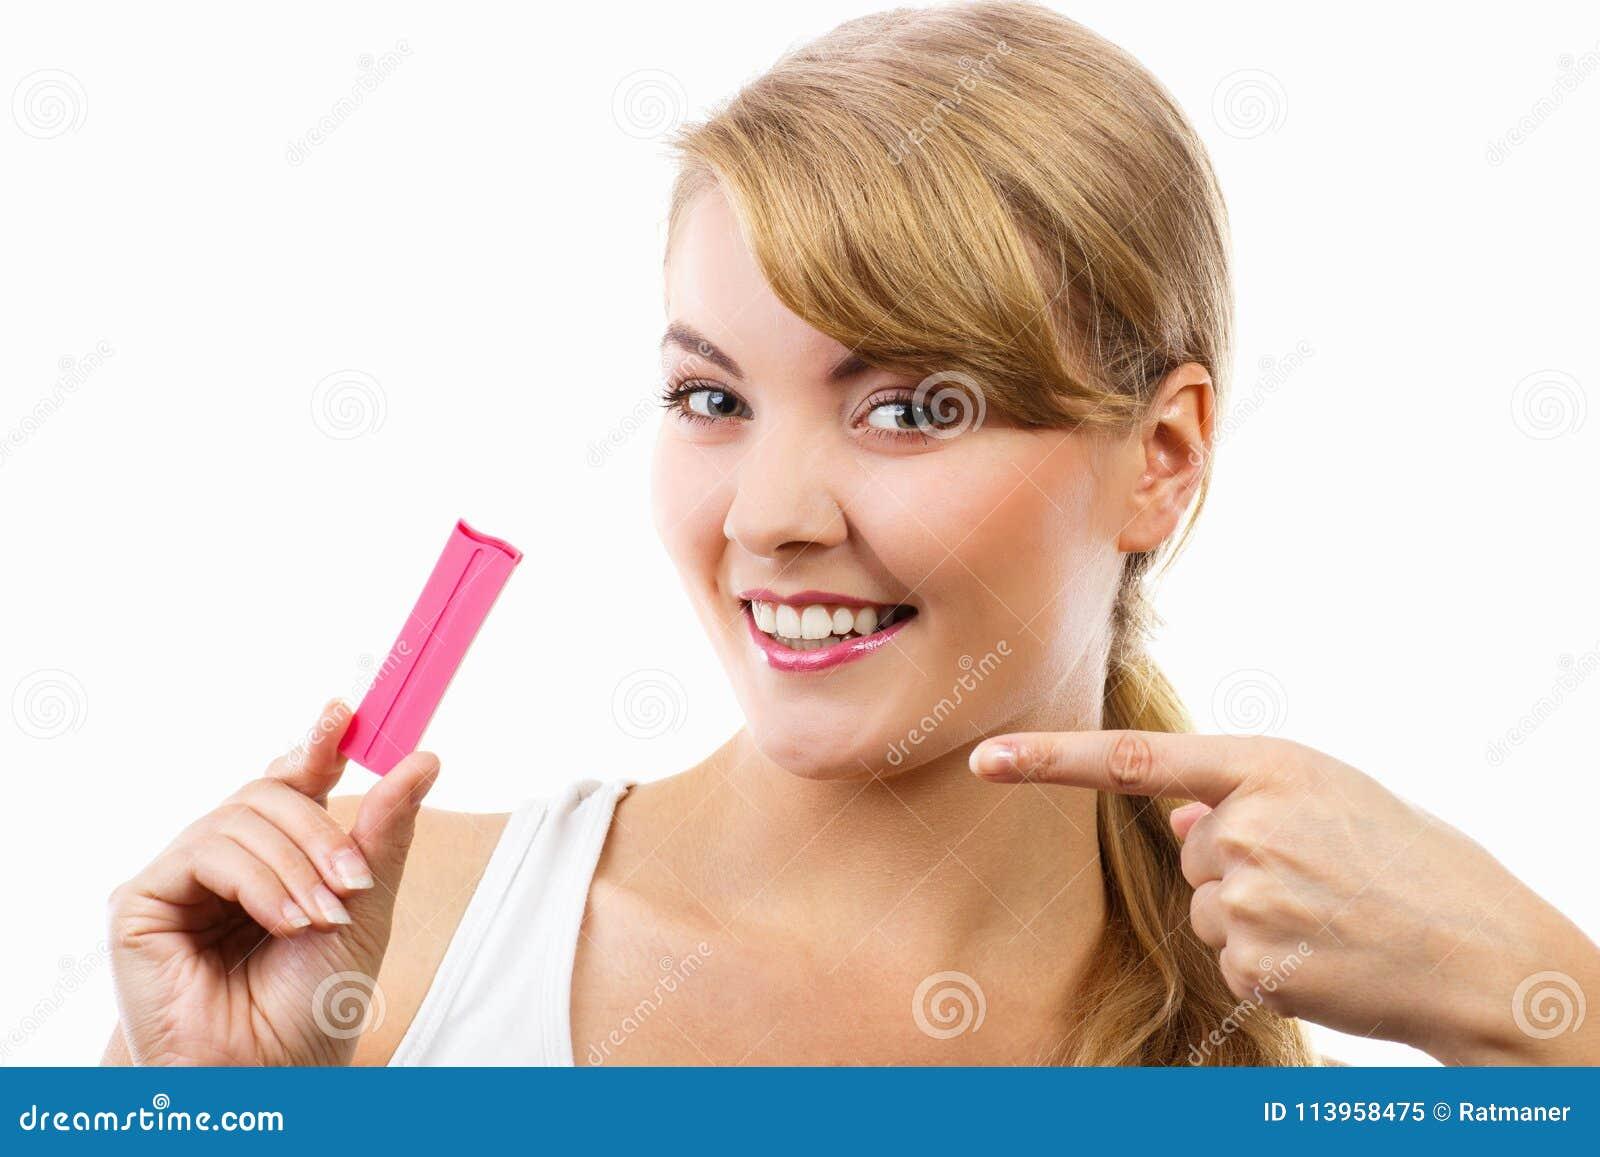 Ευτυχής δοκιμή εγκυμοσύνης εκμετάλλευσης γυναικών χαμόγελου με το θετικό αποτέλεσμα